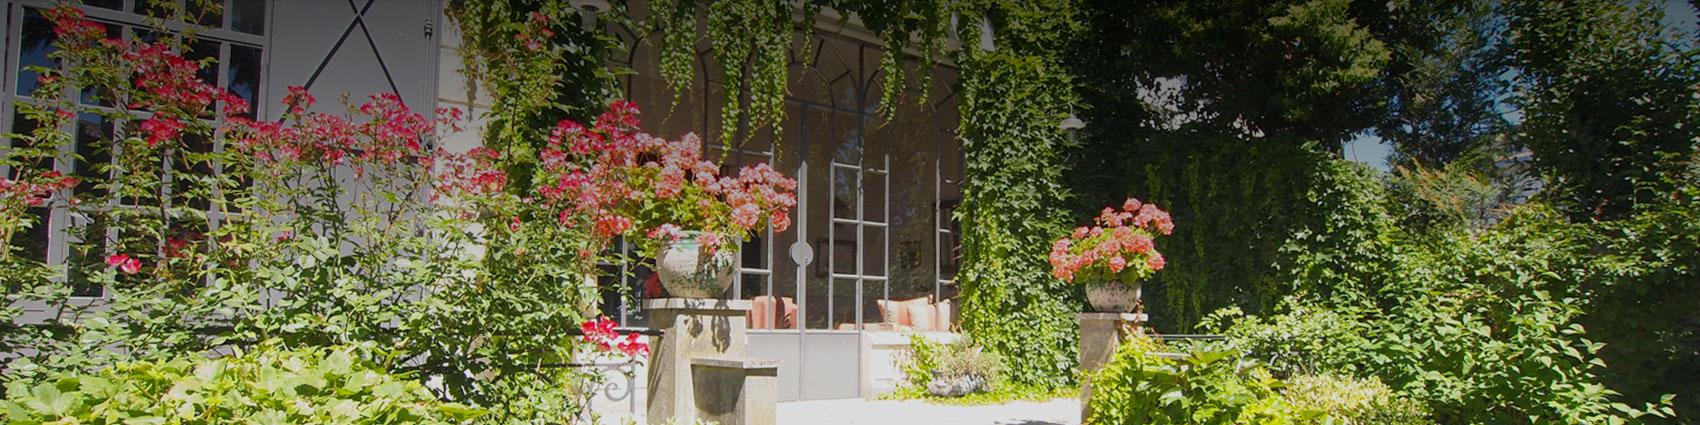 Vendre un bien immobilier grange delmas immobilier vous conseille - Grange delmas immo bordeaux ...